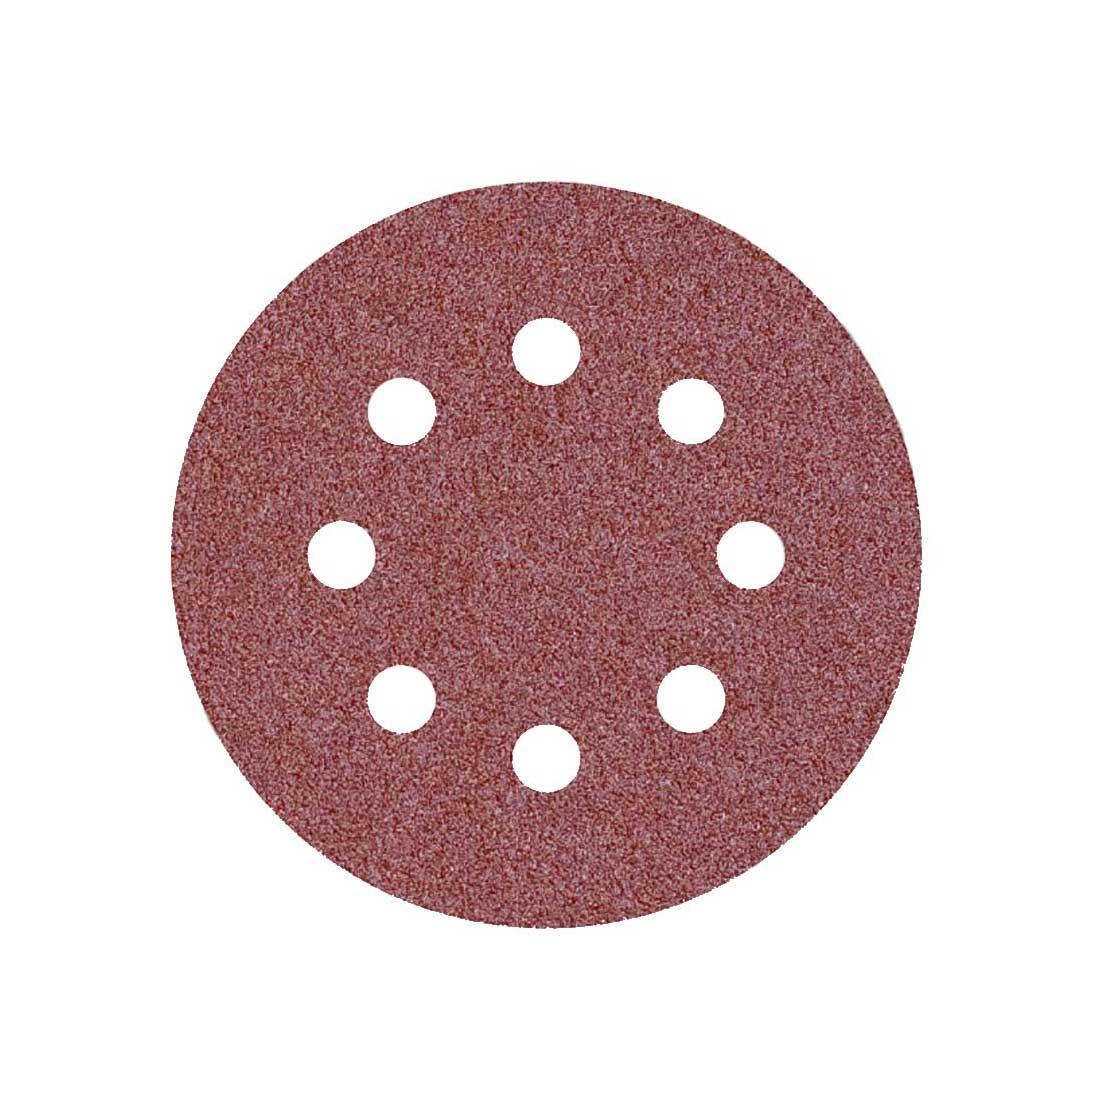 25 miotools klett schleifscheiben exzenterschleifer 125 mm 8 loch k24 36 ebay. Black Bedroom Furniture Sets. Home Design Ideas